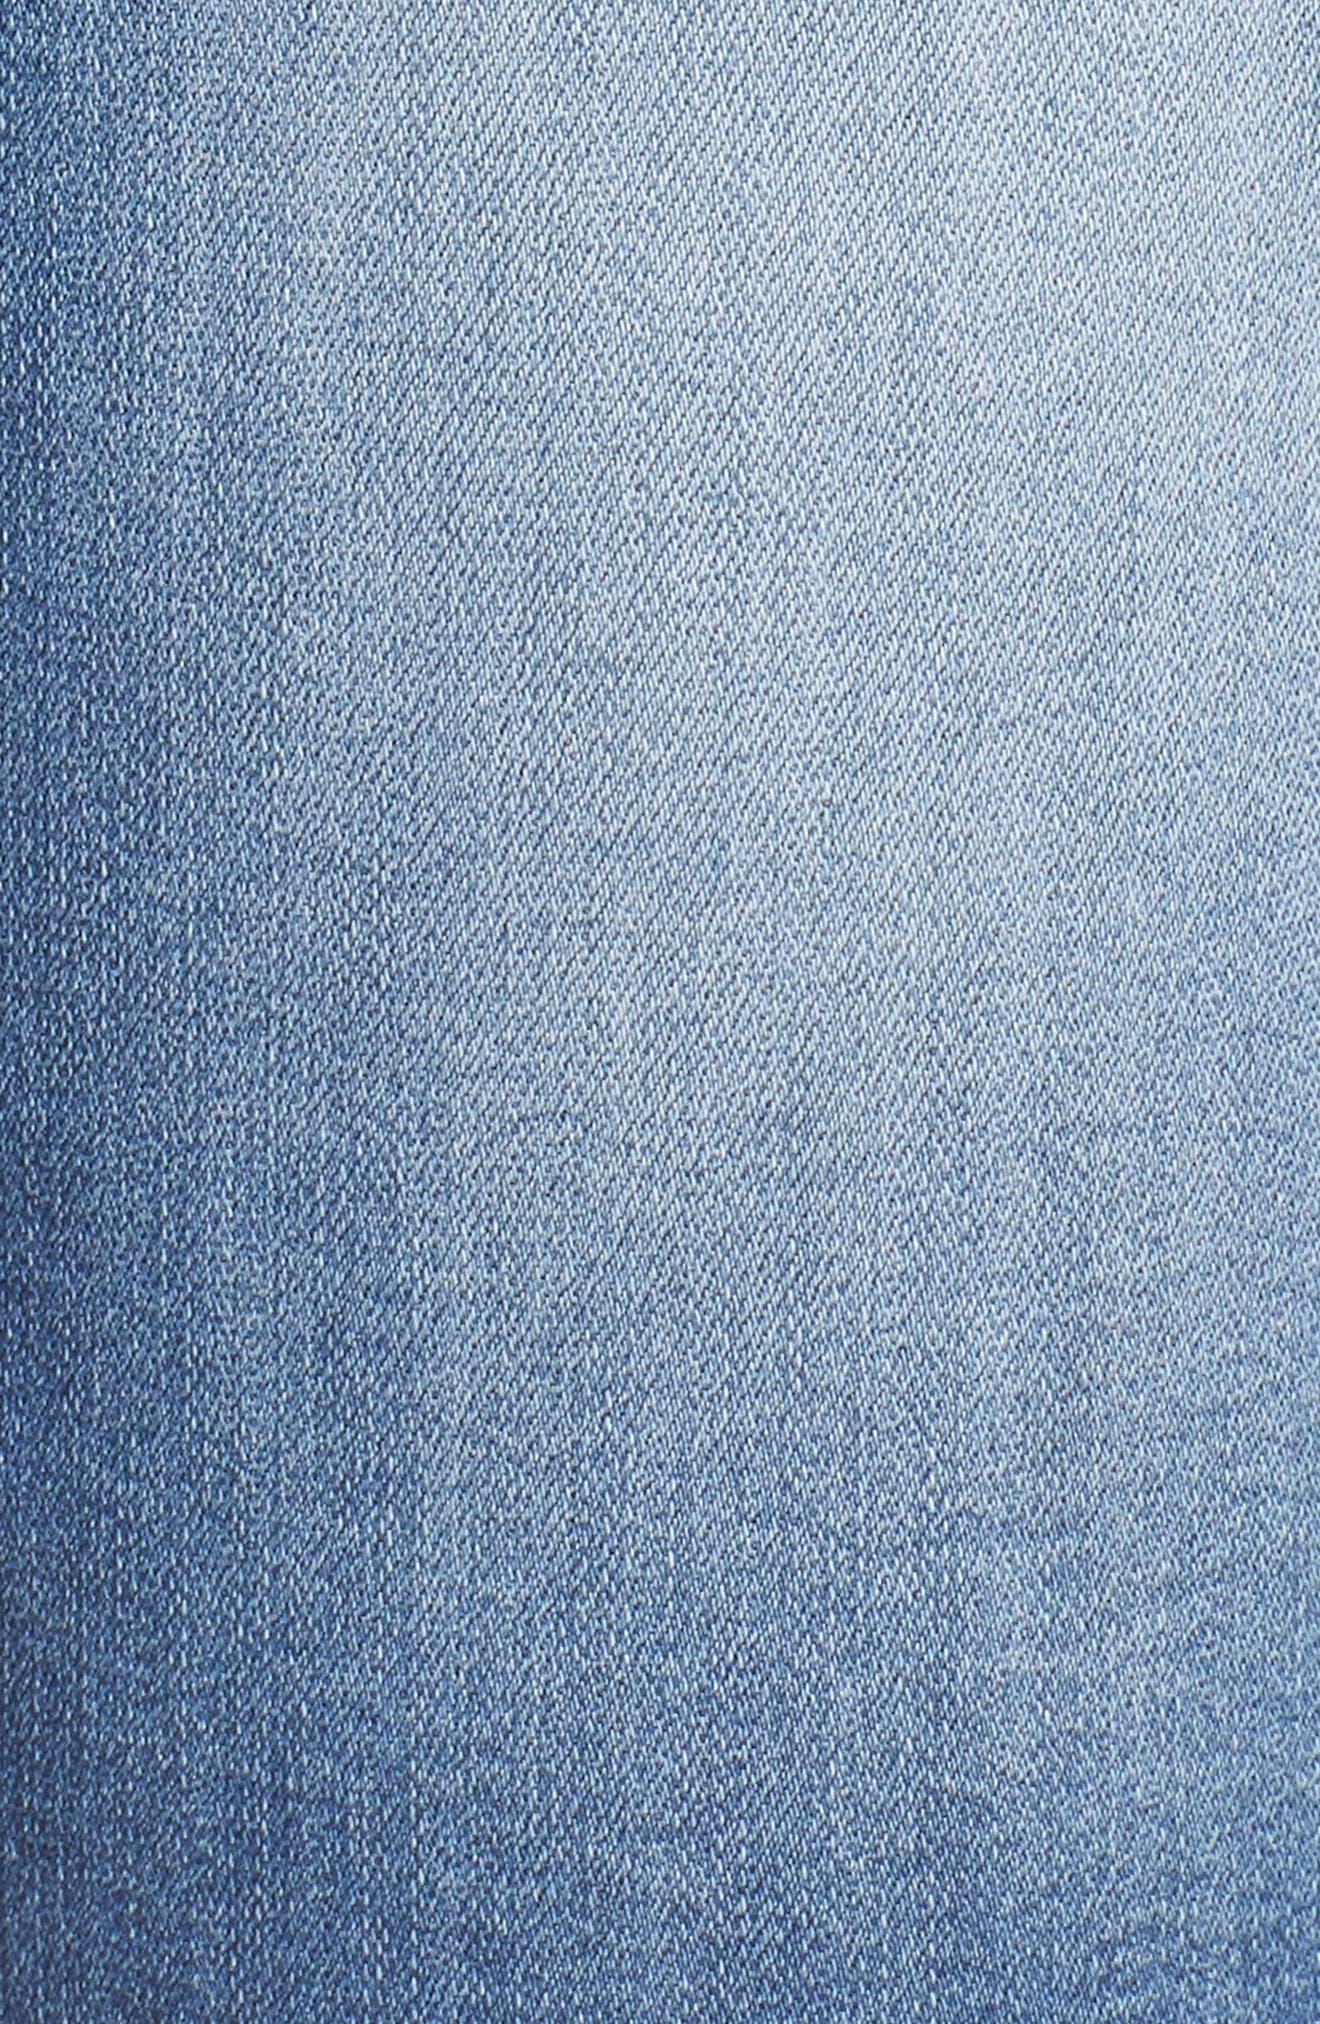 Flex-Ellent High Rise Denim Shorts,                             Alternate thumbnail 5, color,                             458